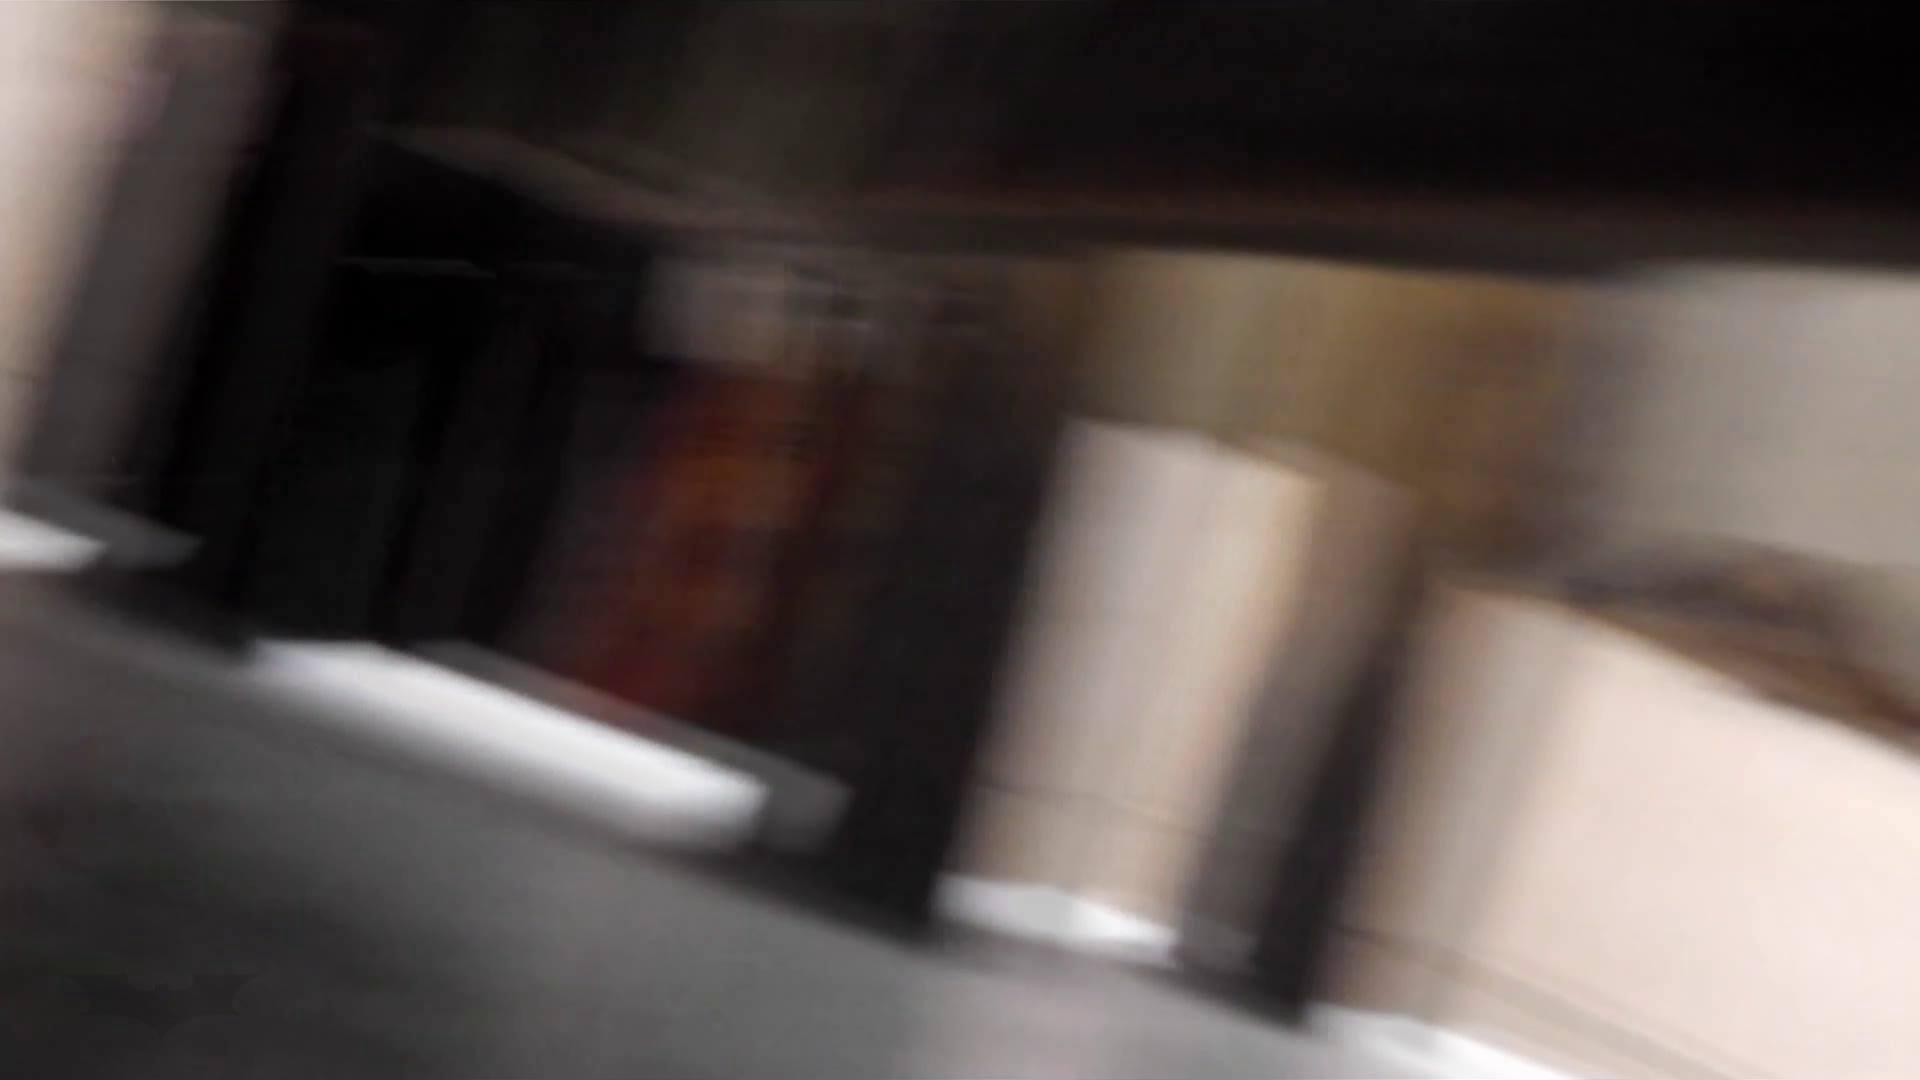 ステーション編 vol.35 必見!!モデル二人組同時狩り 洗面所シーン オメコ無修正動画無料 63画像 5